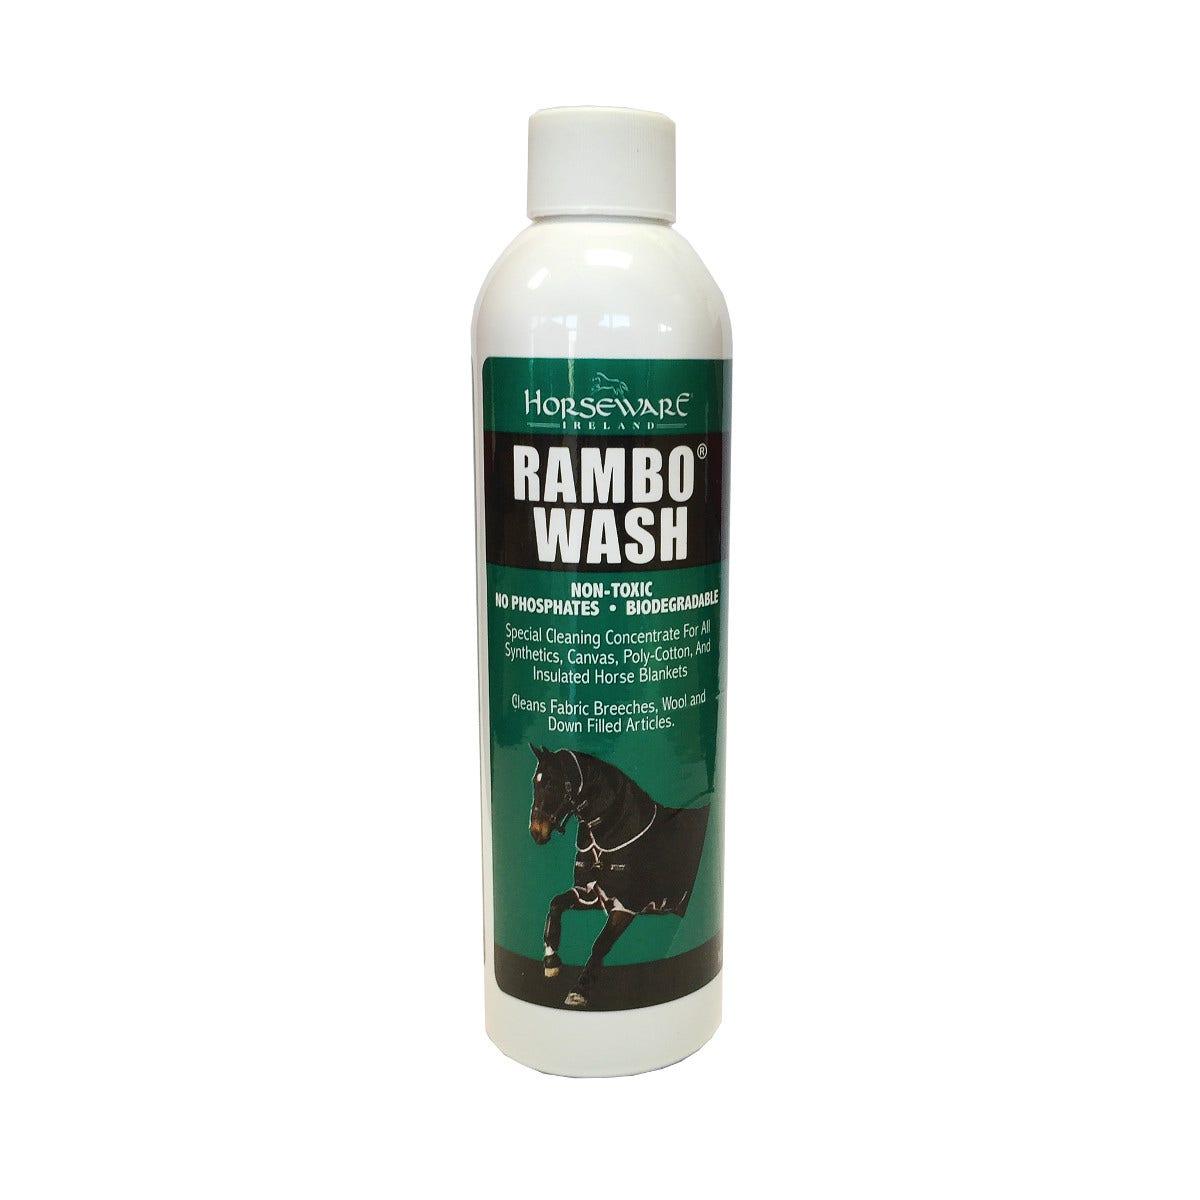 Tvättmedel för hästtäcken Horseware Rambo Rug Wash 250 ml - Horseware